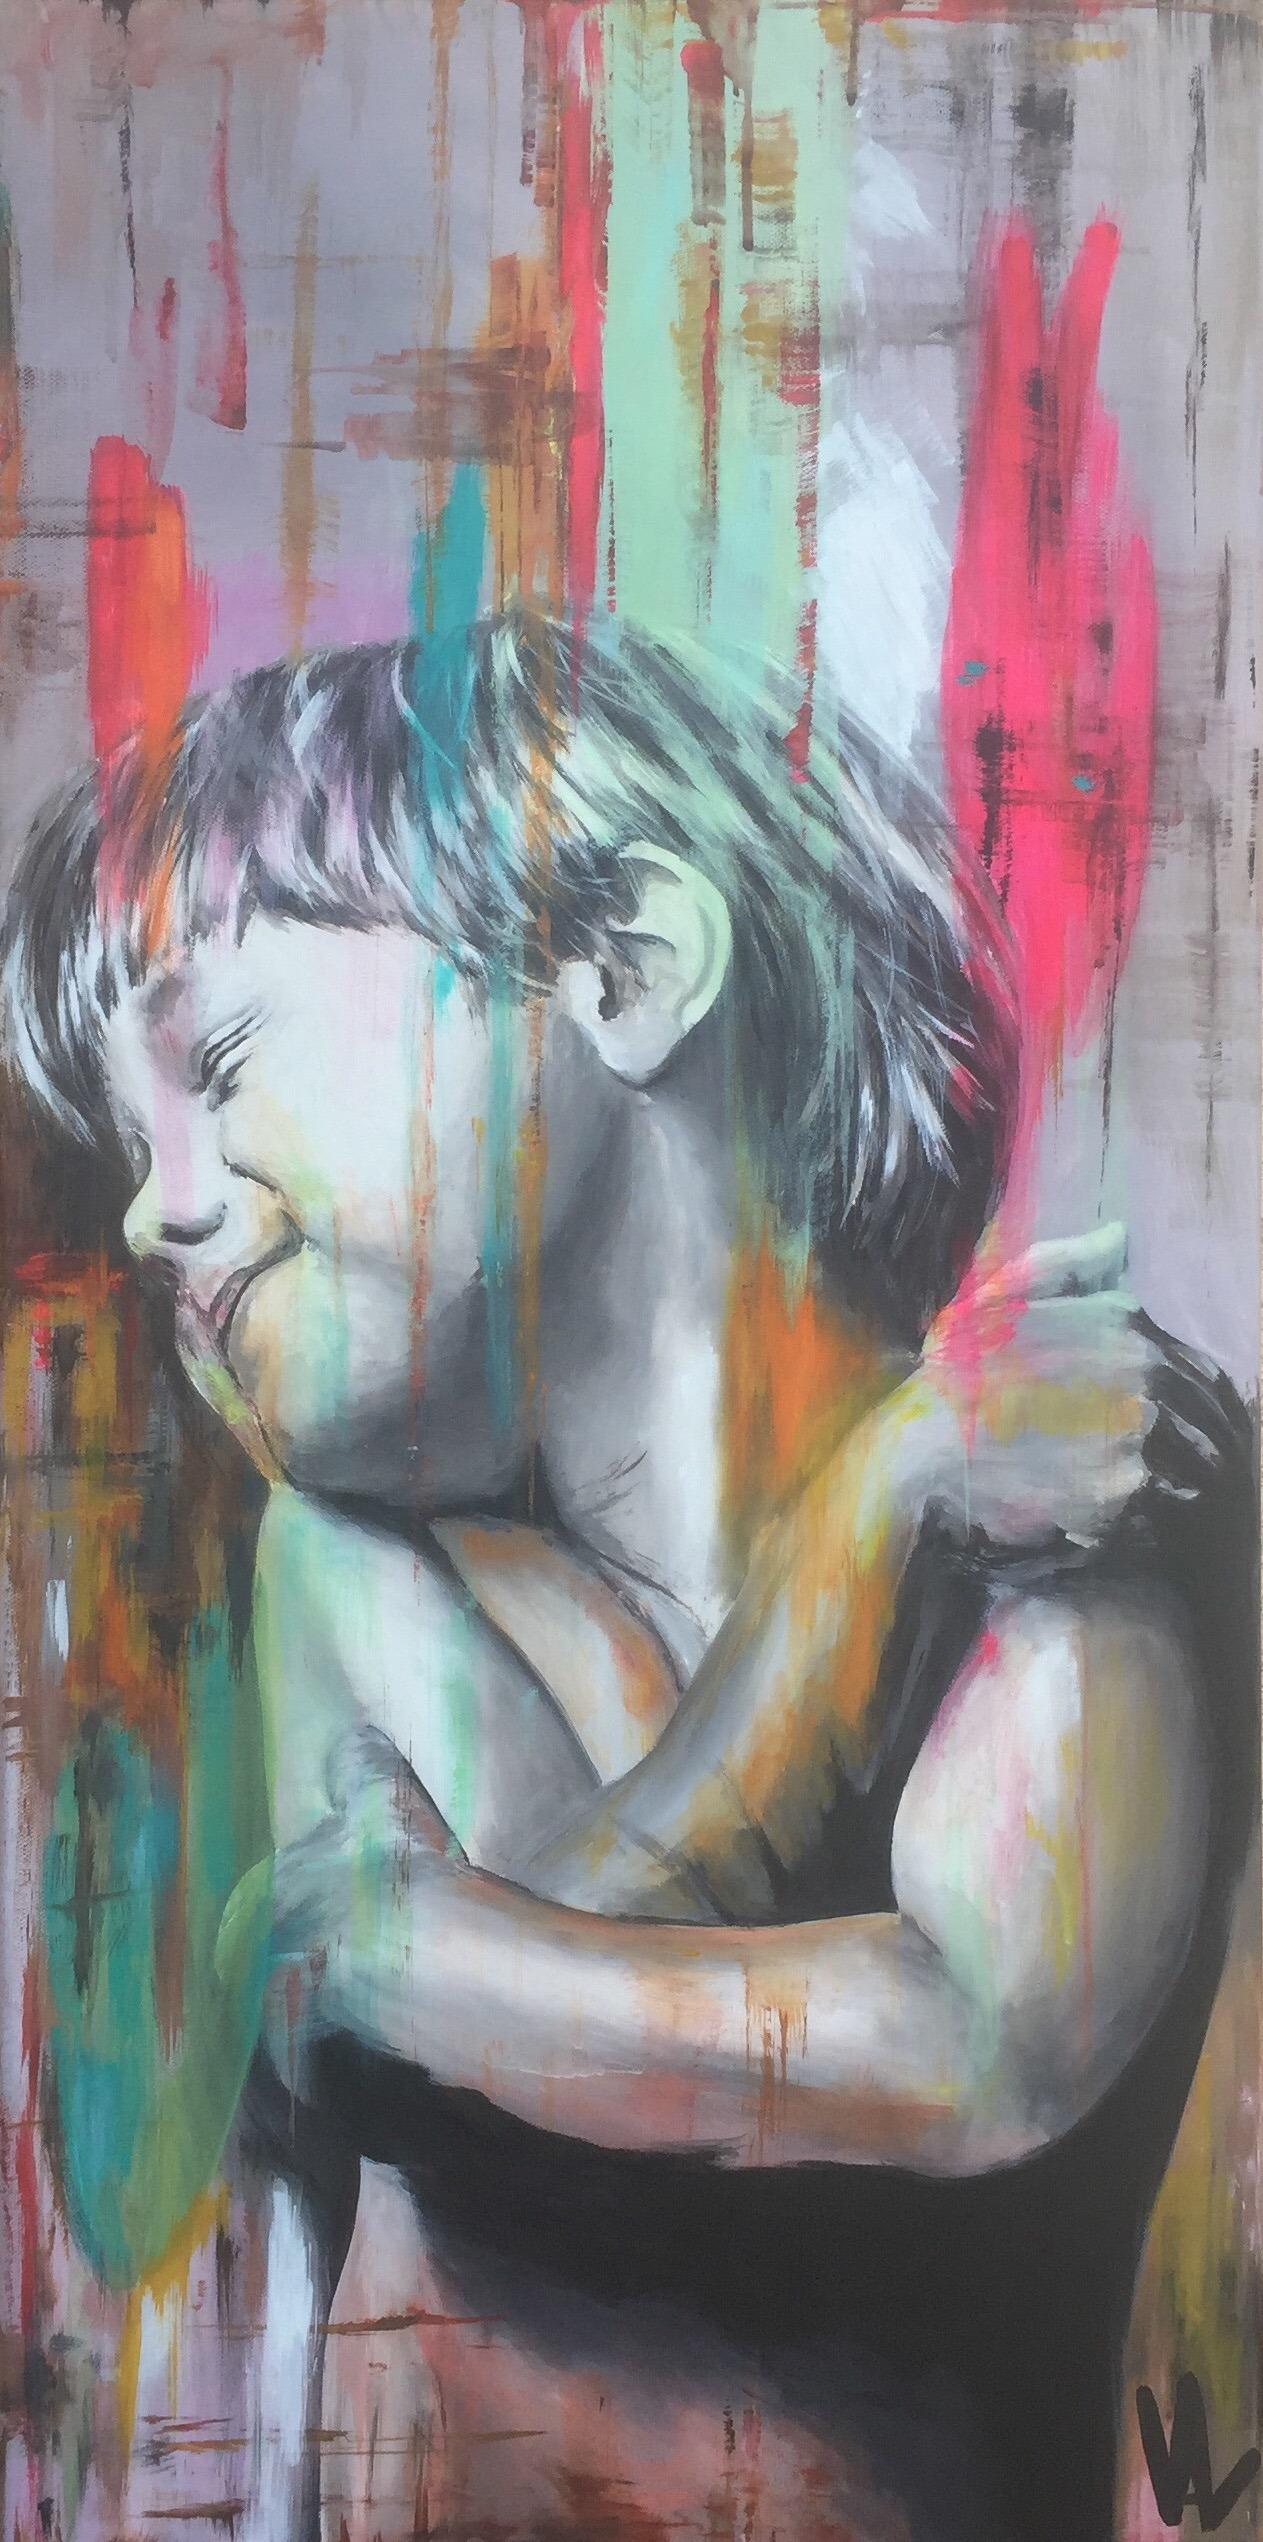 Pluie de couleurs sur l'enfant